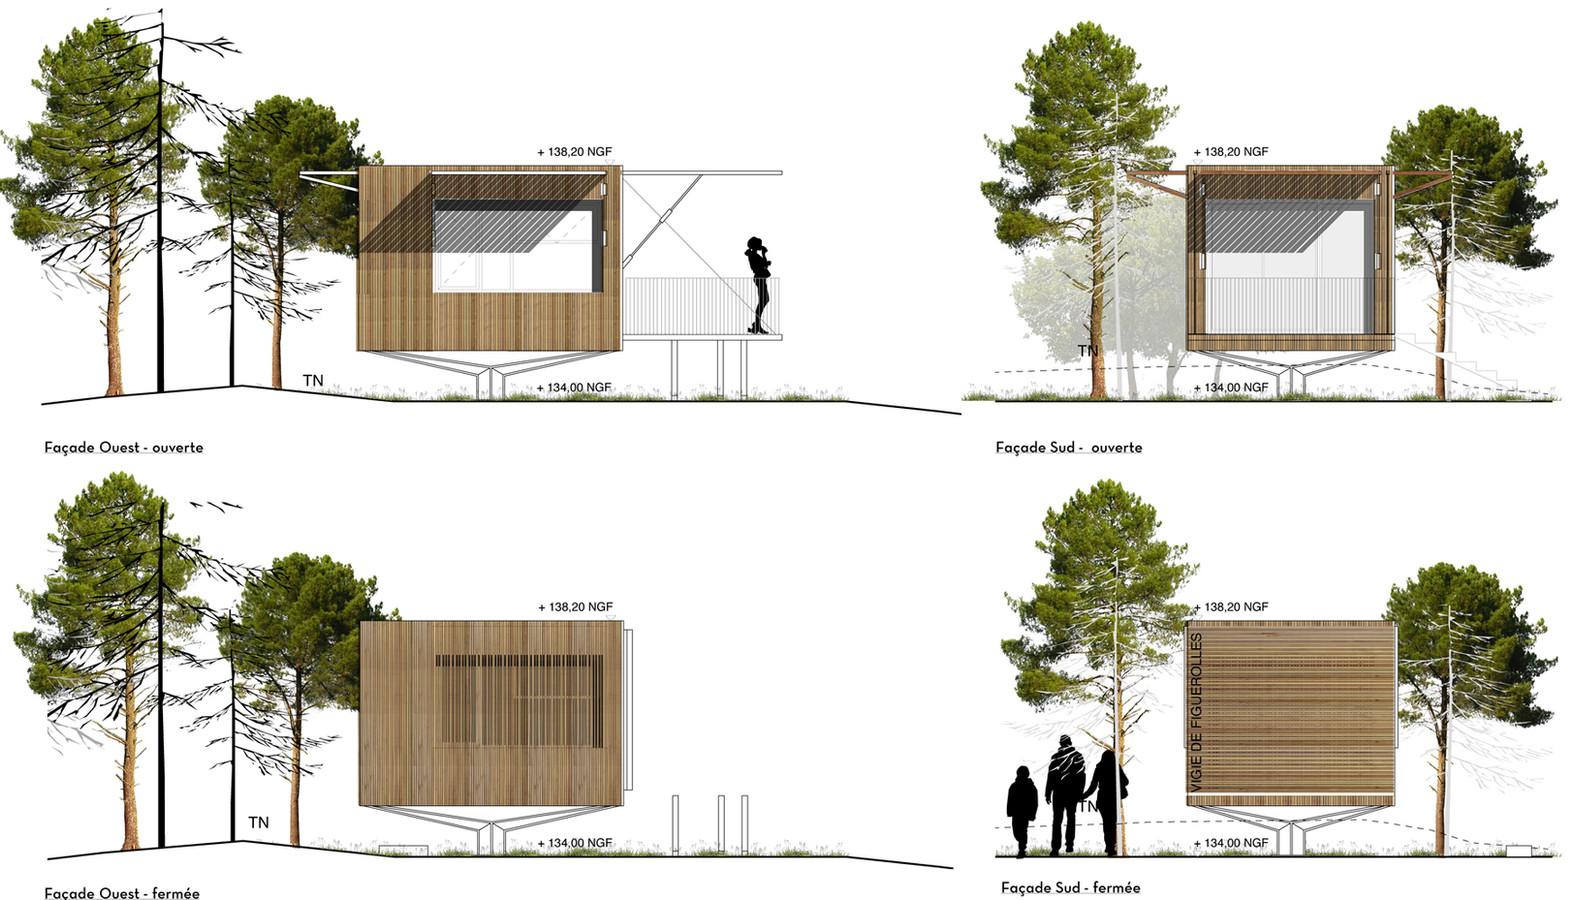 Frutoso-architecte-Vigie-Martigues-facad